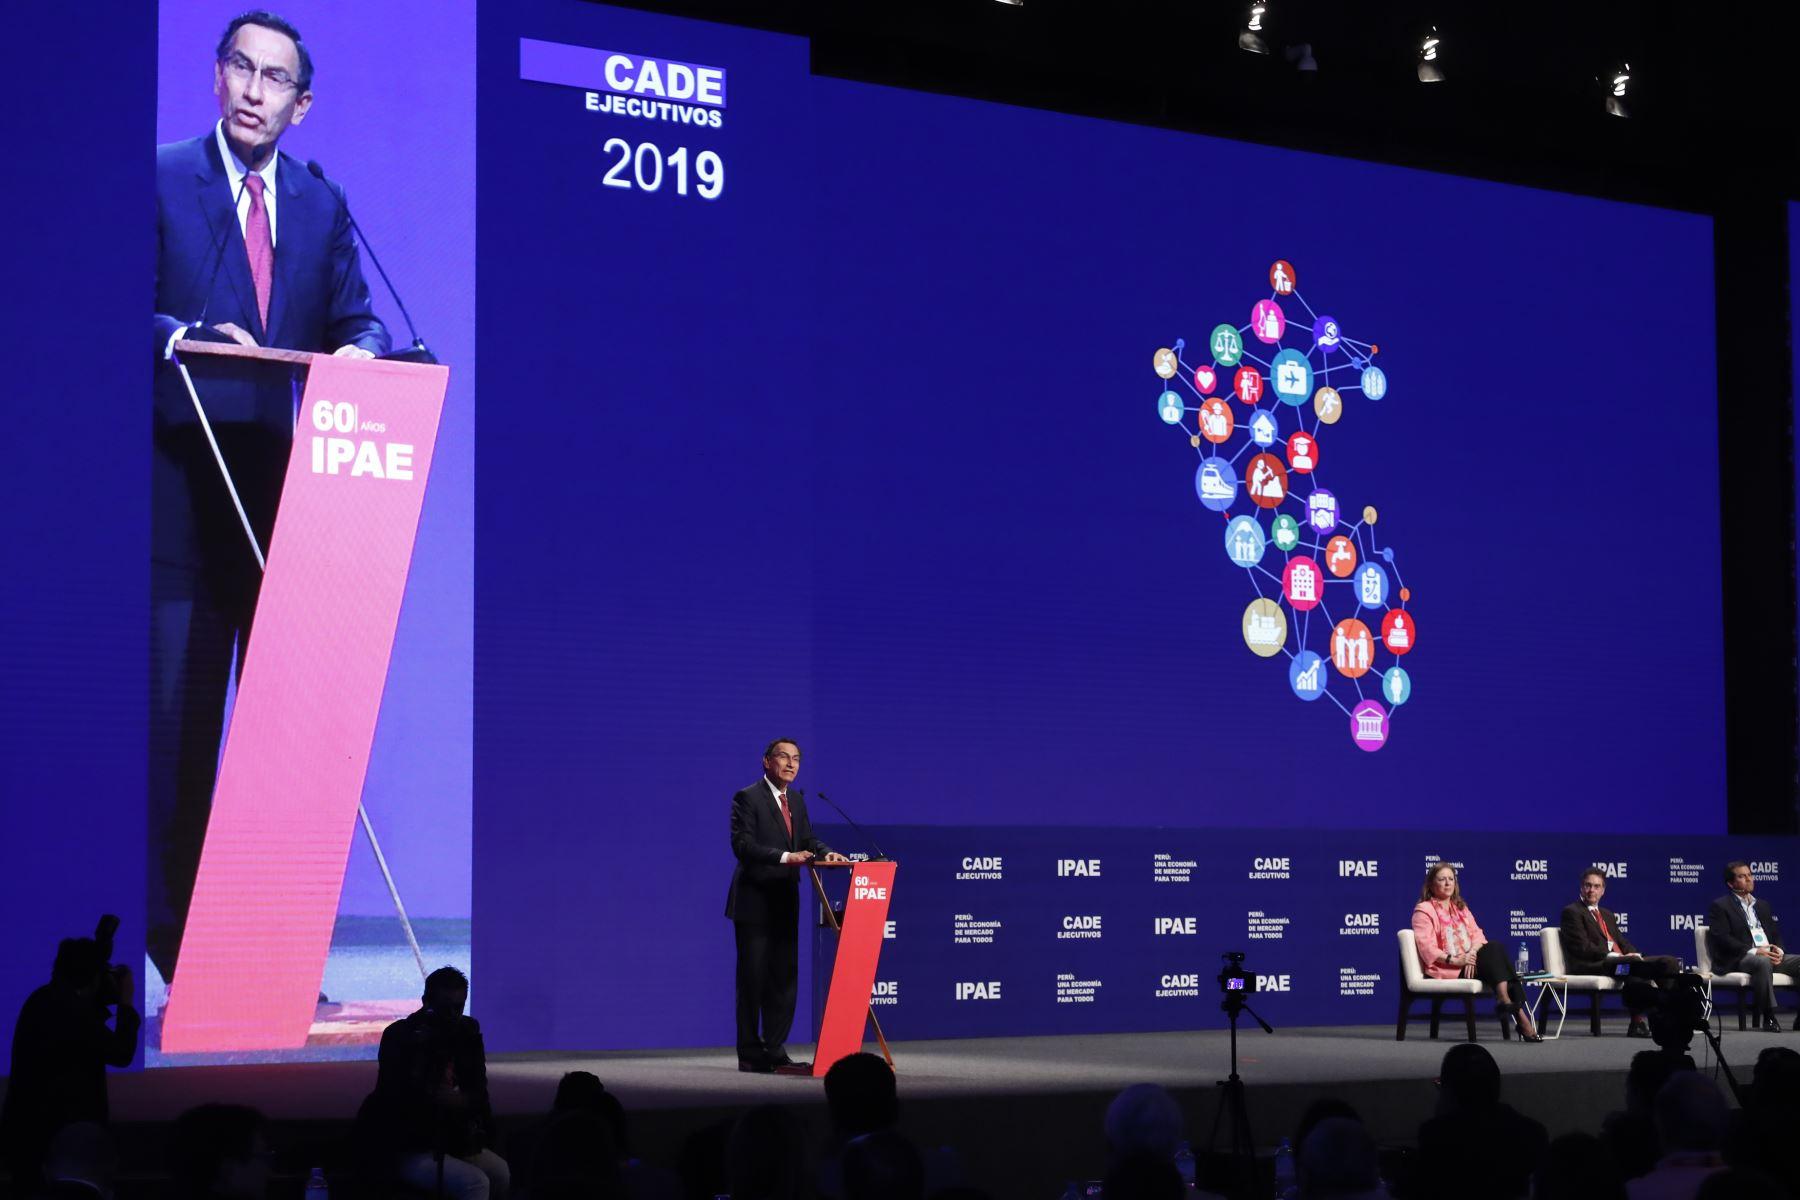 Presidente Vizcarra interviene en el CADE Ejecutivos 2019. Foto: ANDINA/Renato Pajuelo